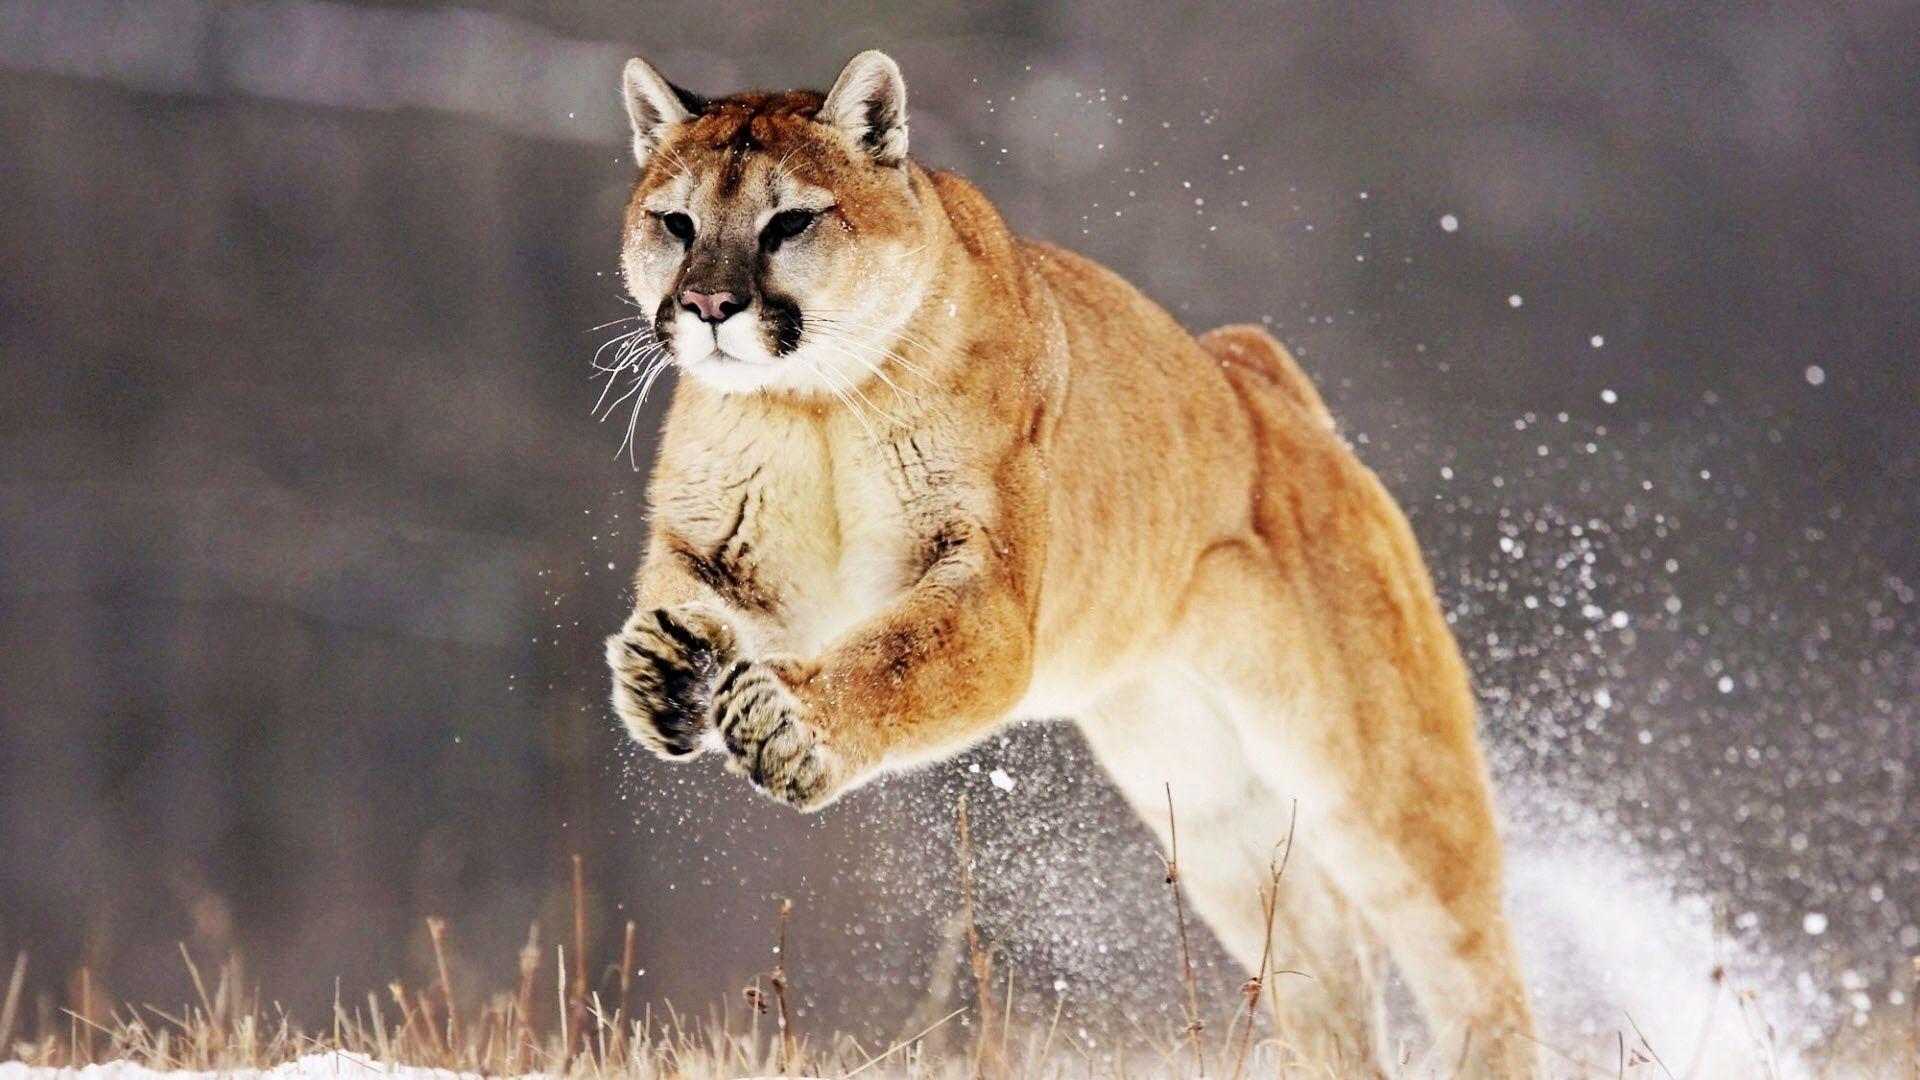 Cougar Hd wallpaper